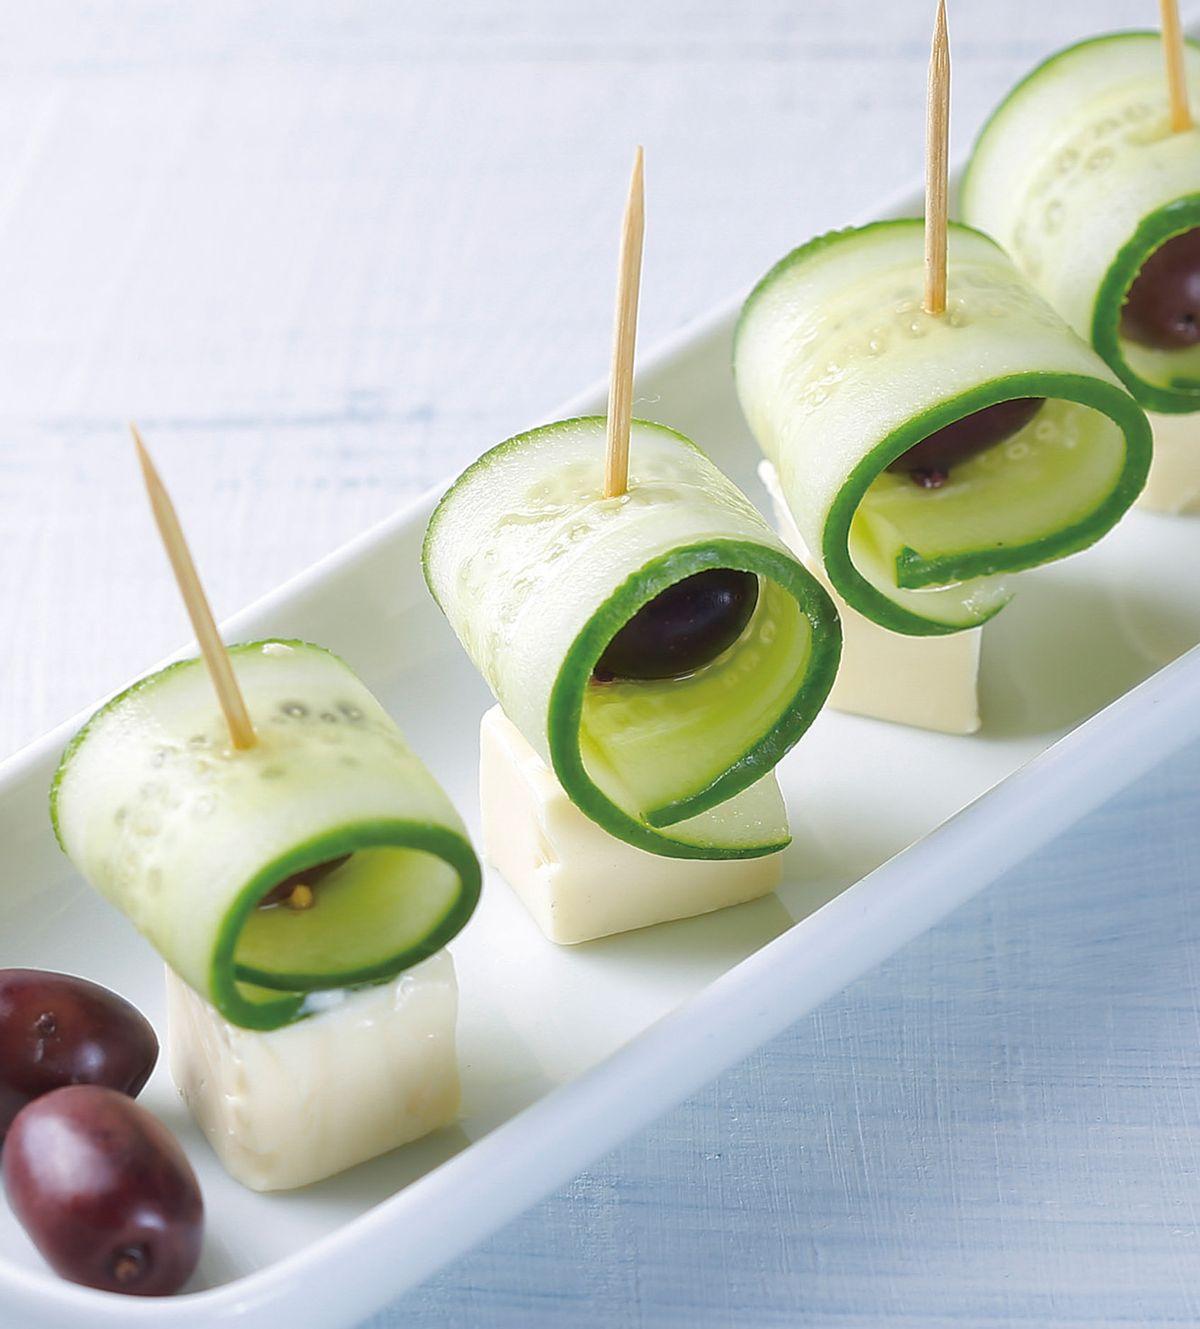 食譜:小黃瓜起司丁串